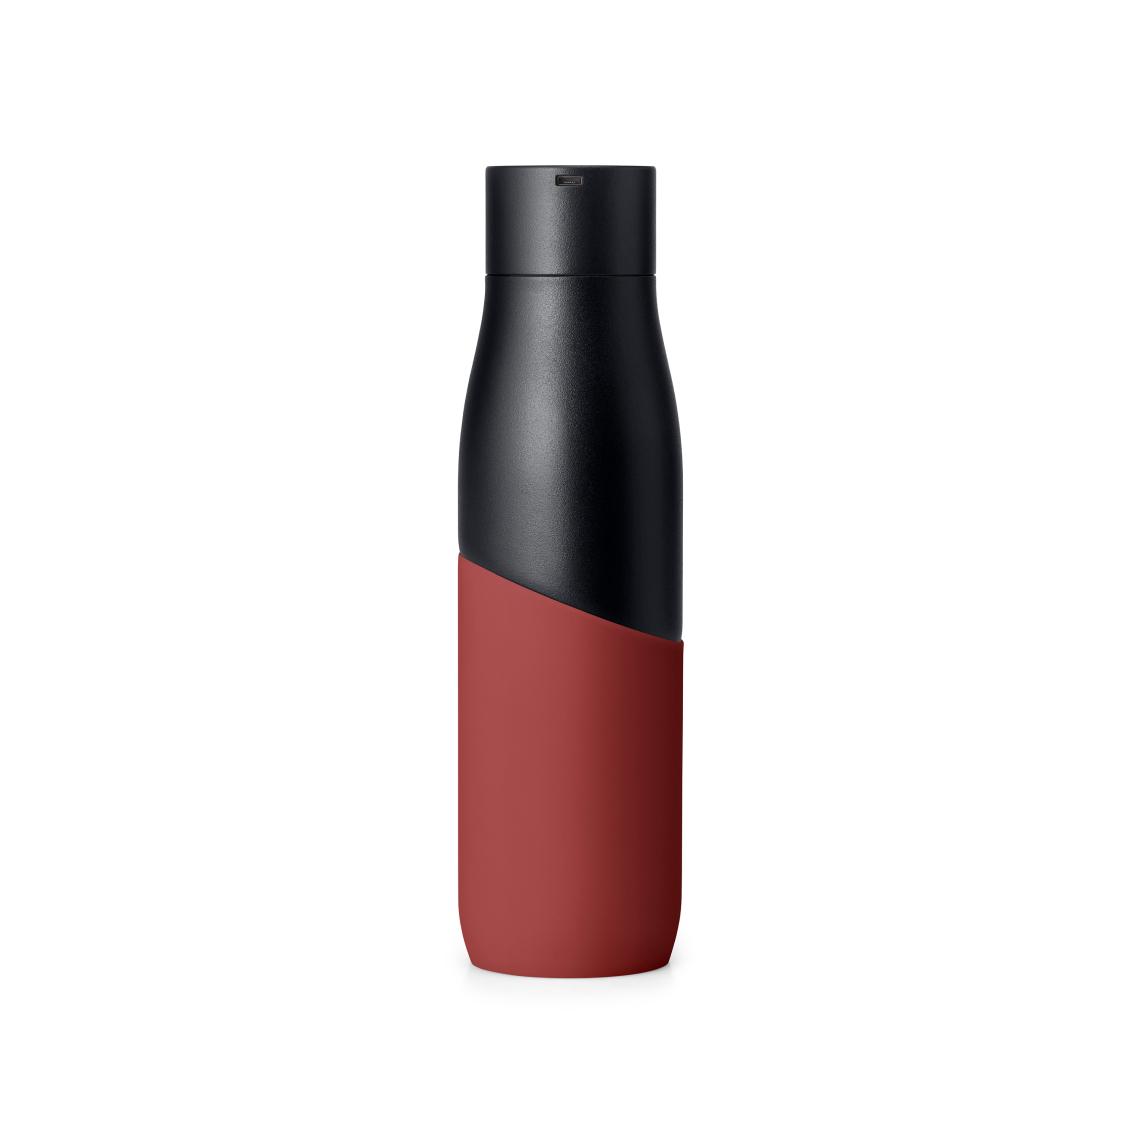 LARQ Bottle Movement PureVis - Black / Clay